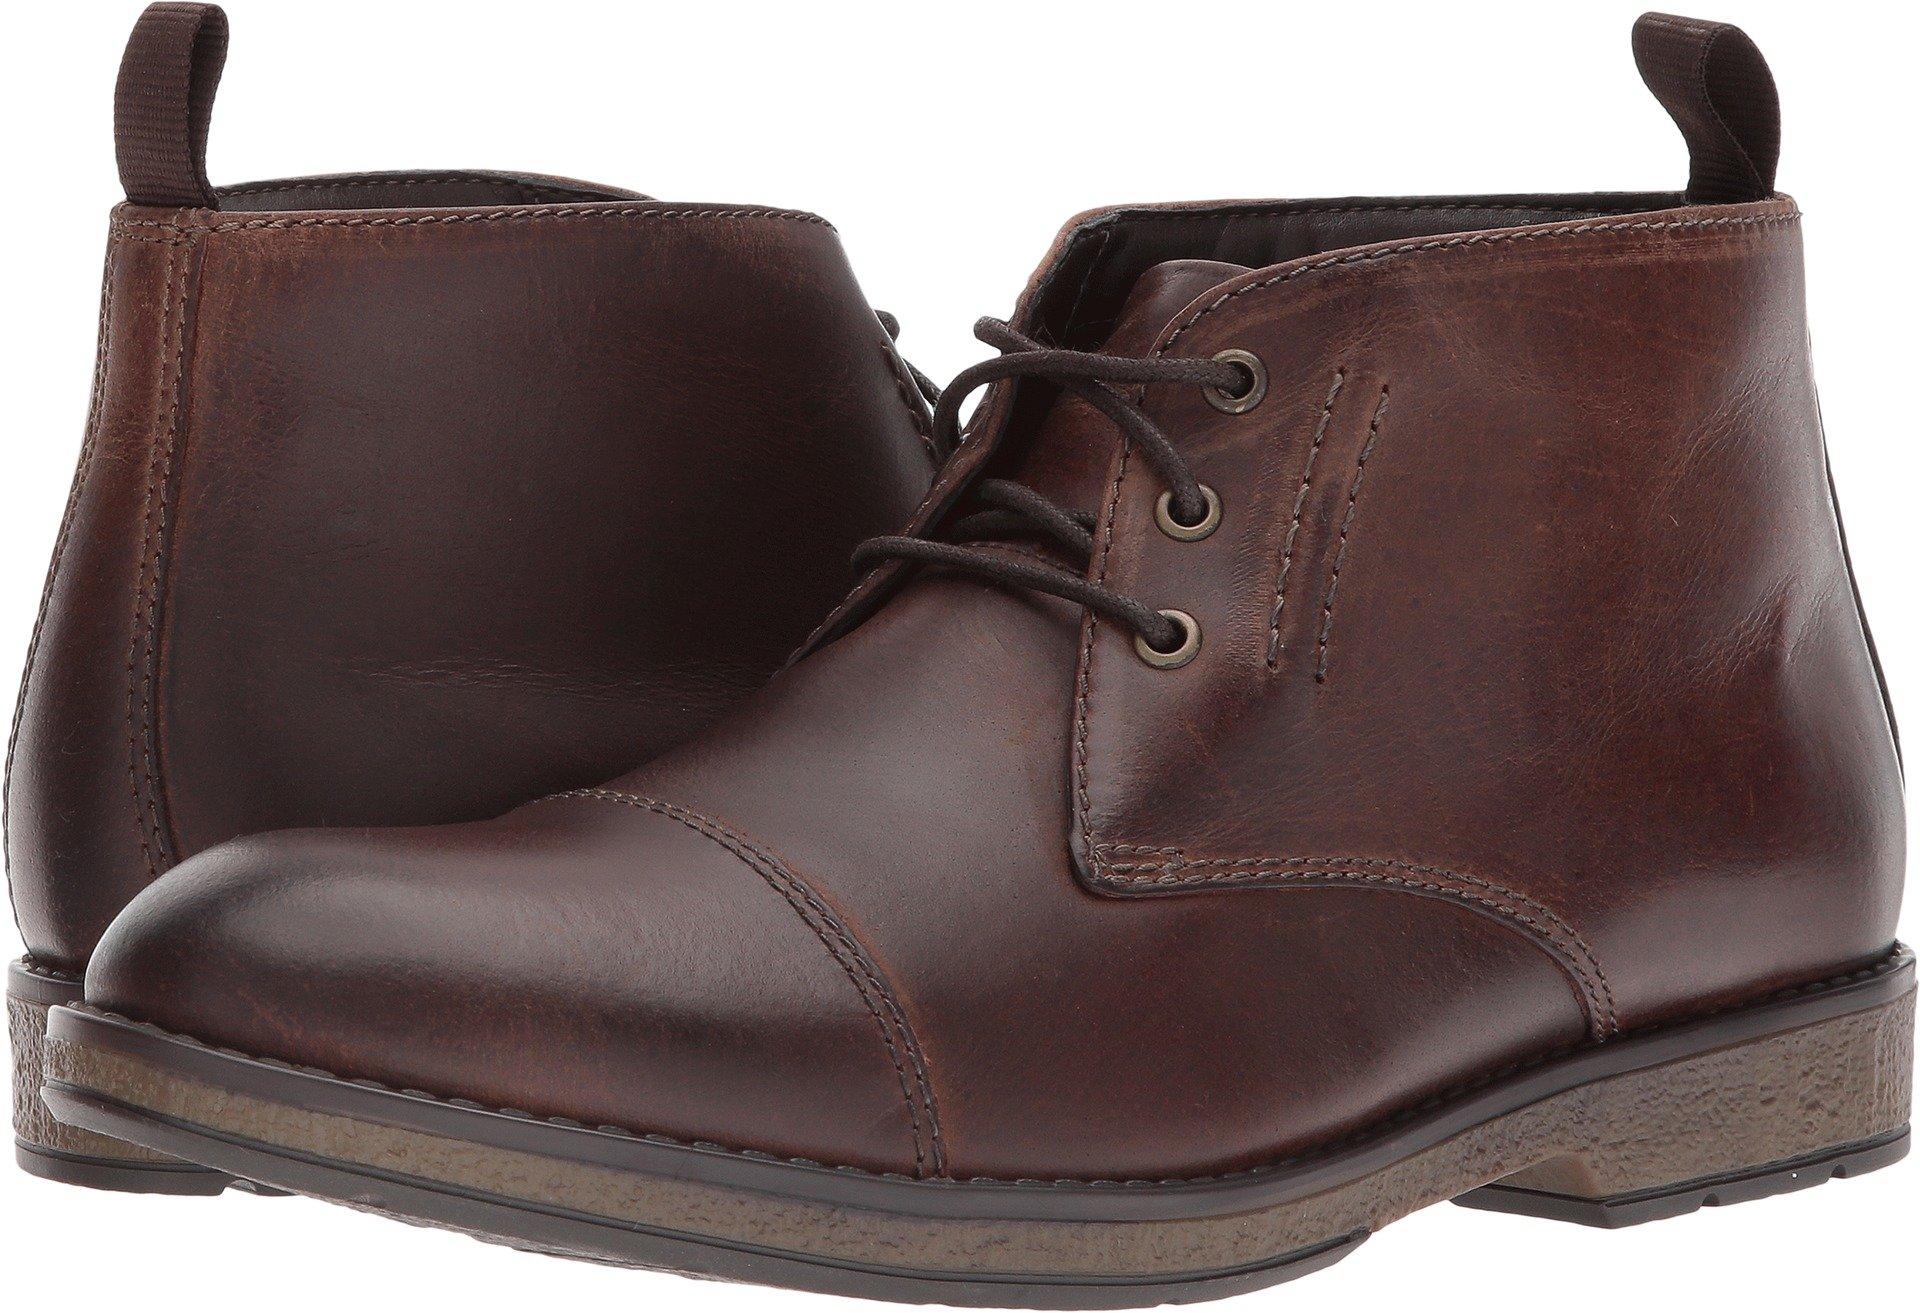 CLARKS Men's Hinman Mid Chukka Boot, Mahogony, 10.5 M US